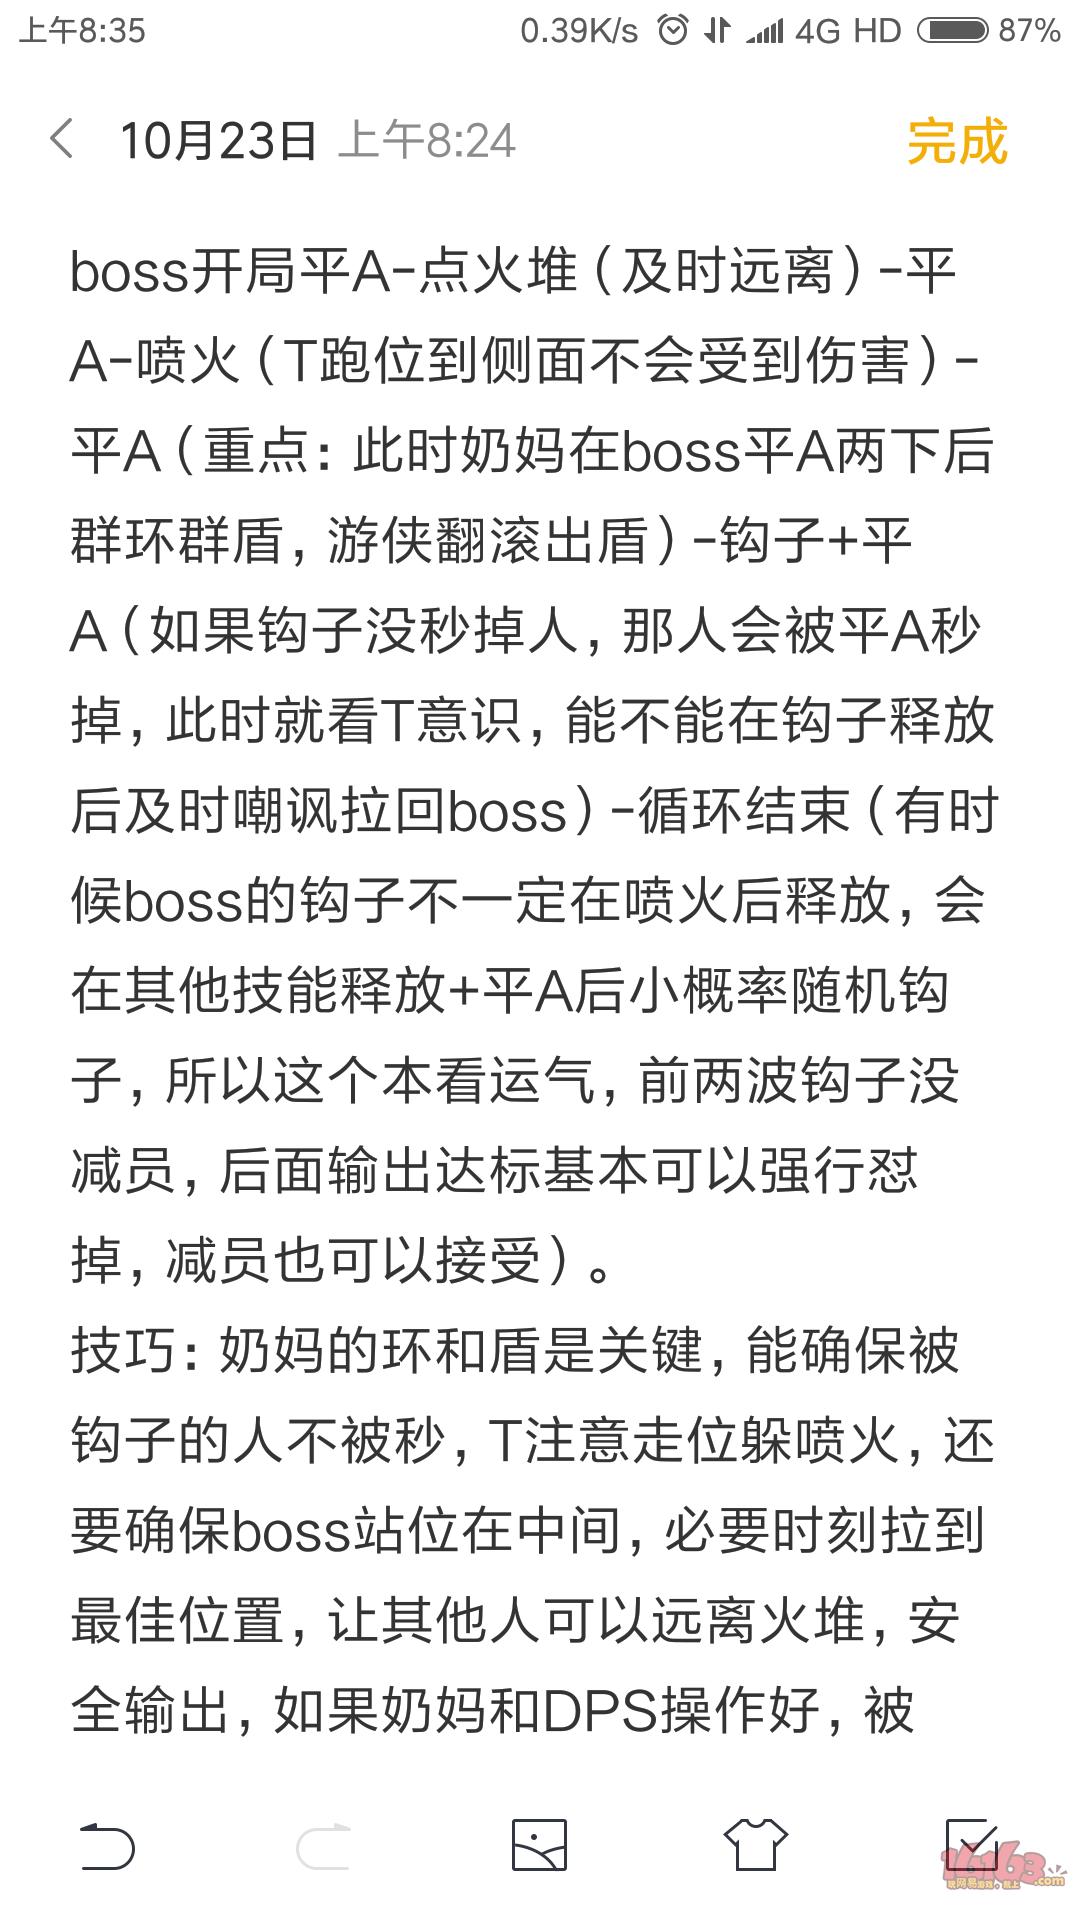 Screenshot_2017-10-23-08-35-03-931_com.miui.notes.png